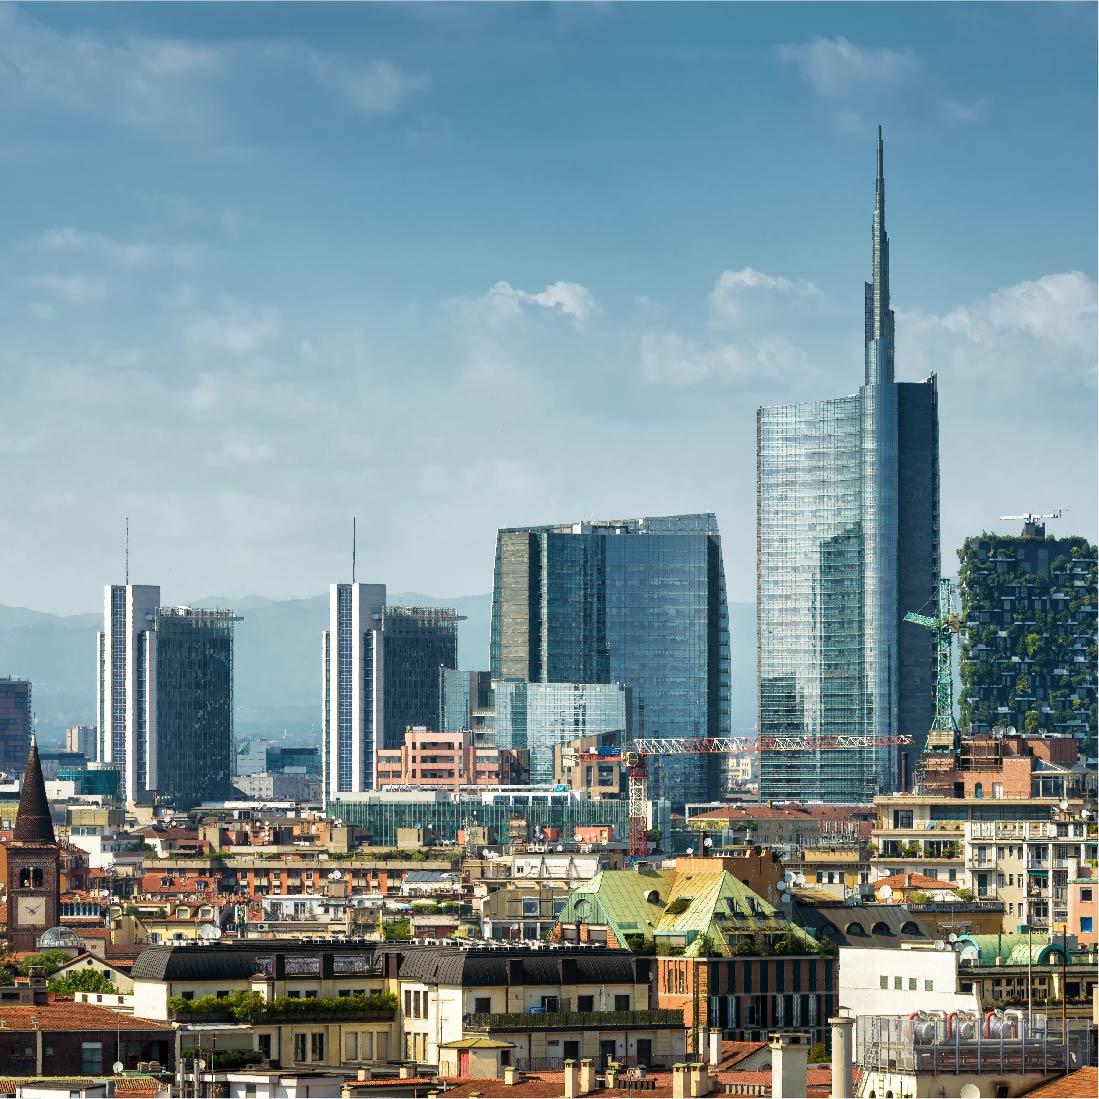 Milan, **Italy**